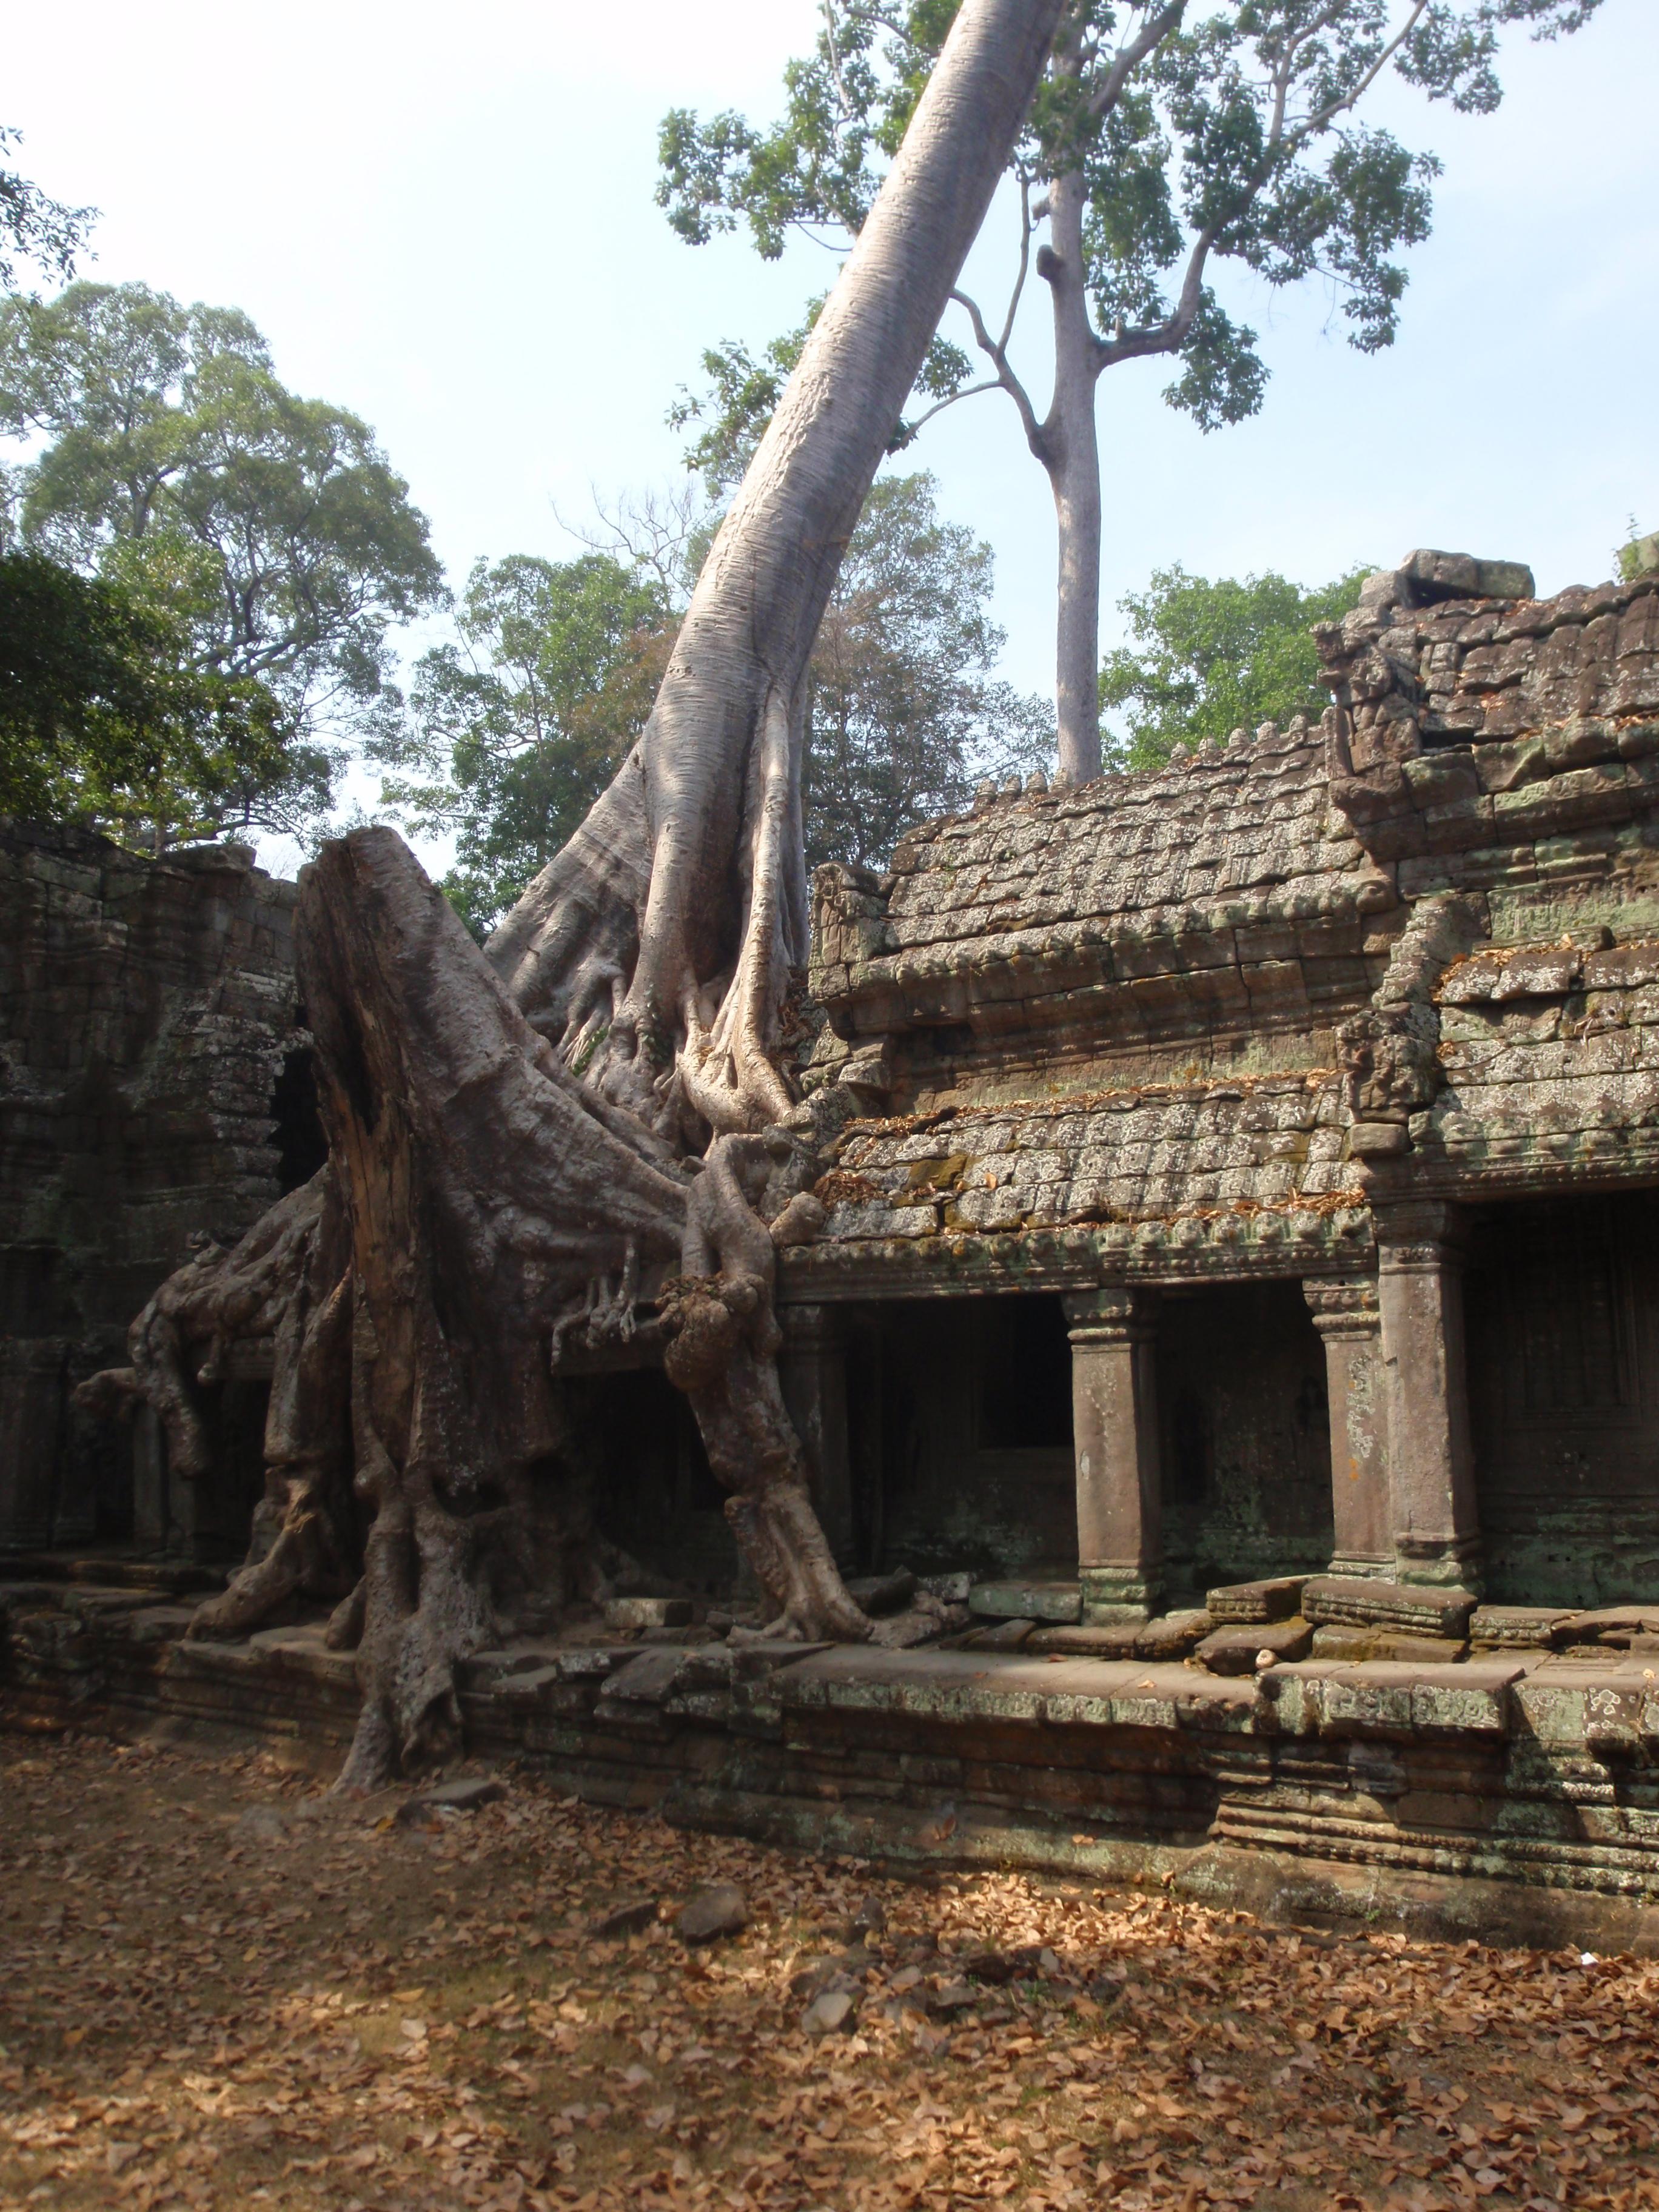 Trees growing around Ankor Wat